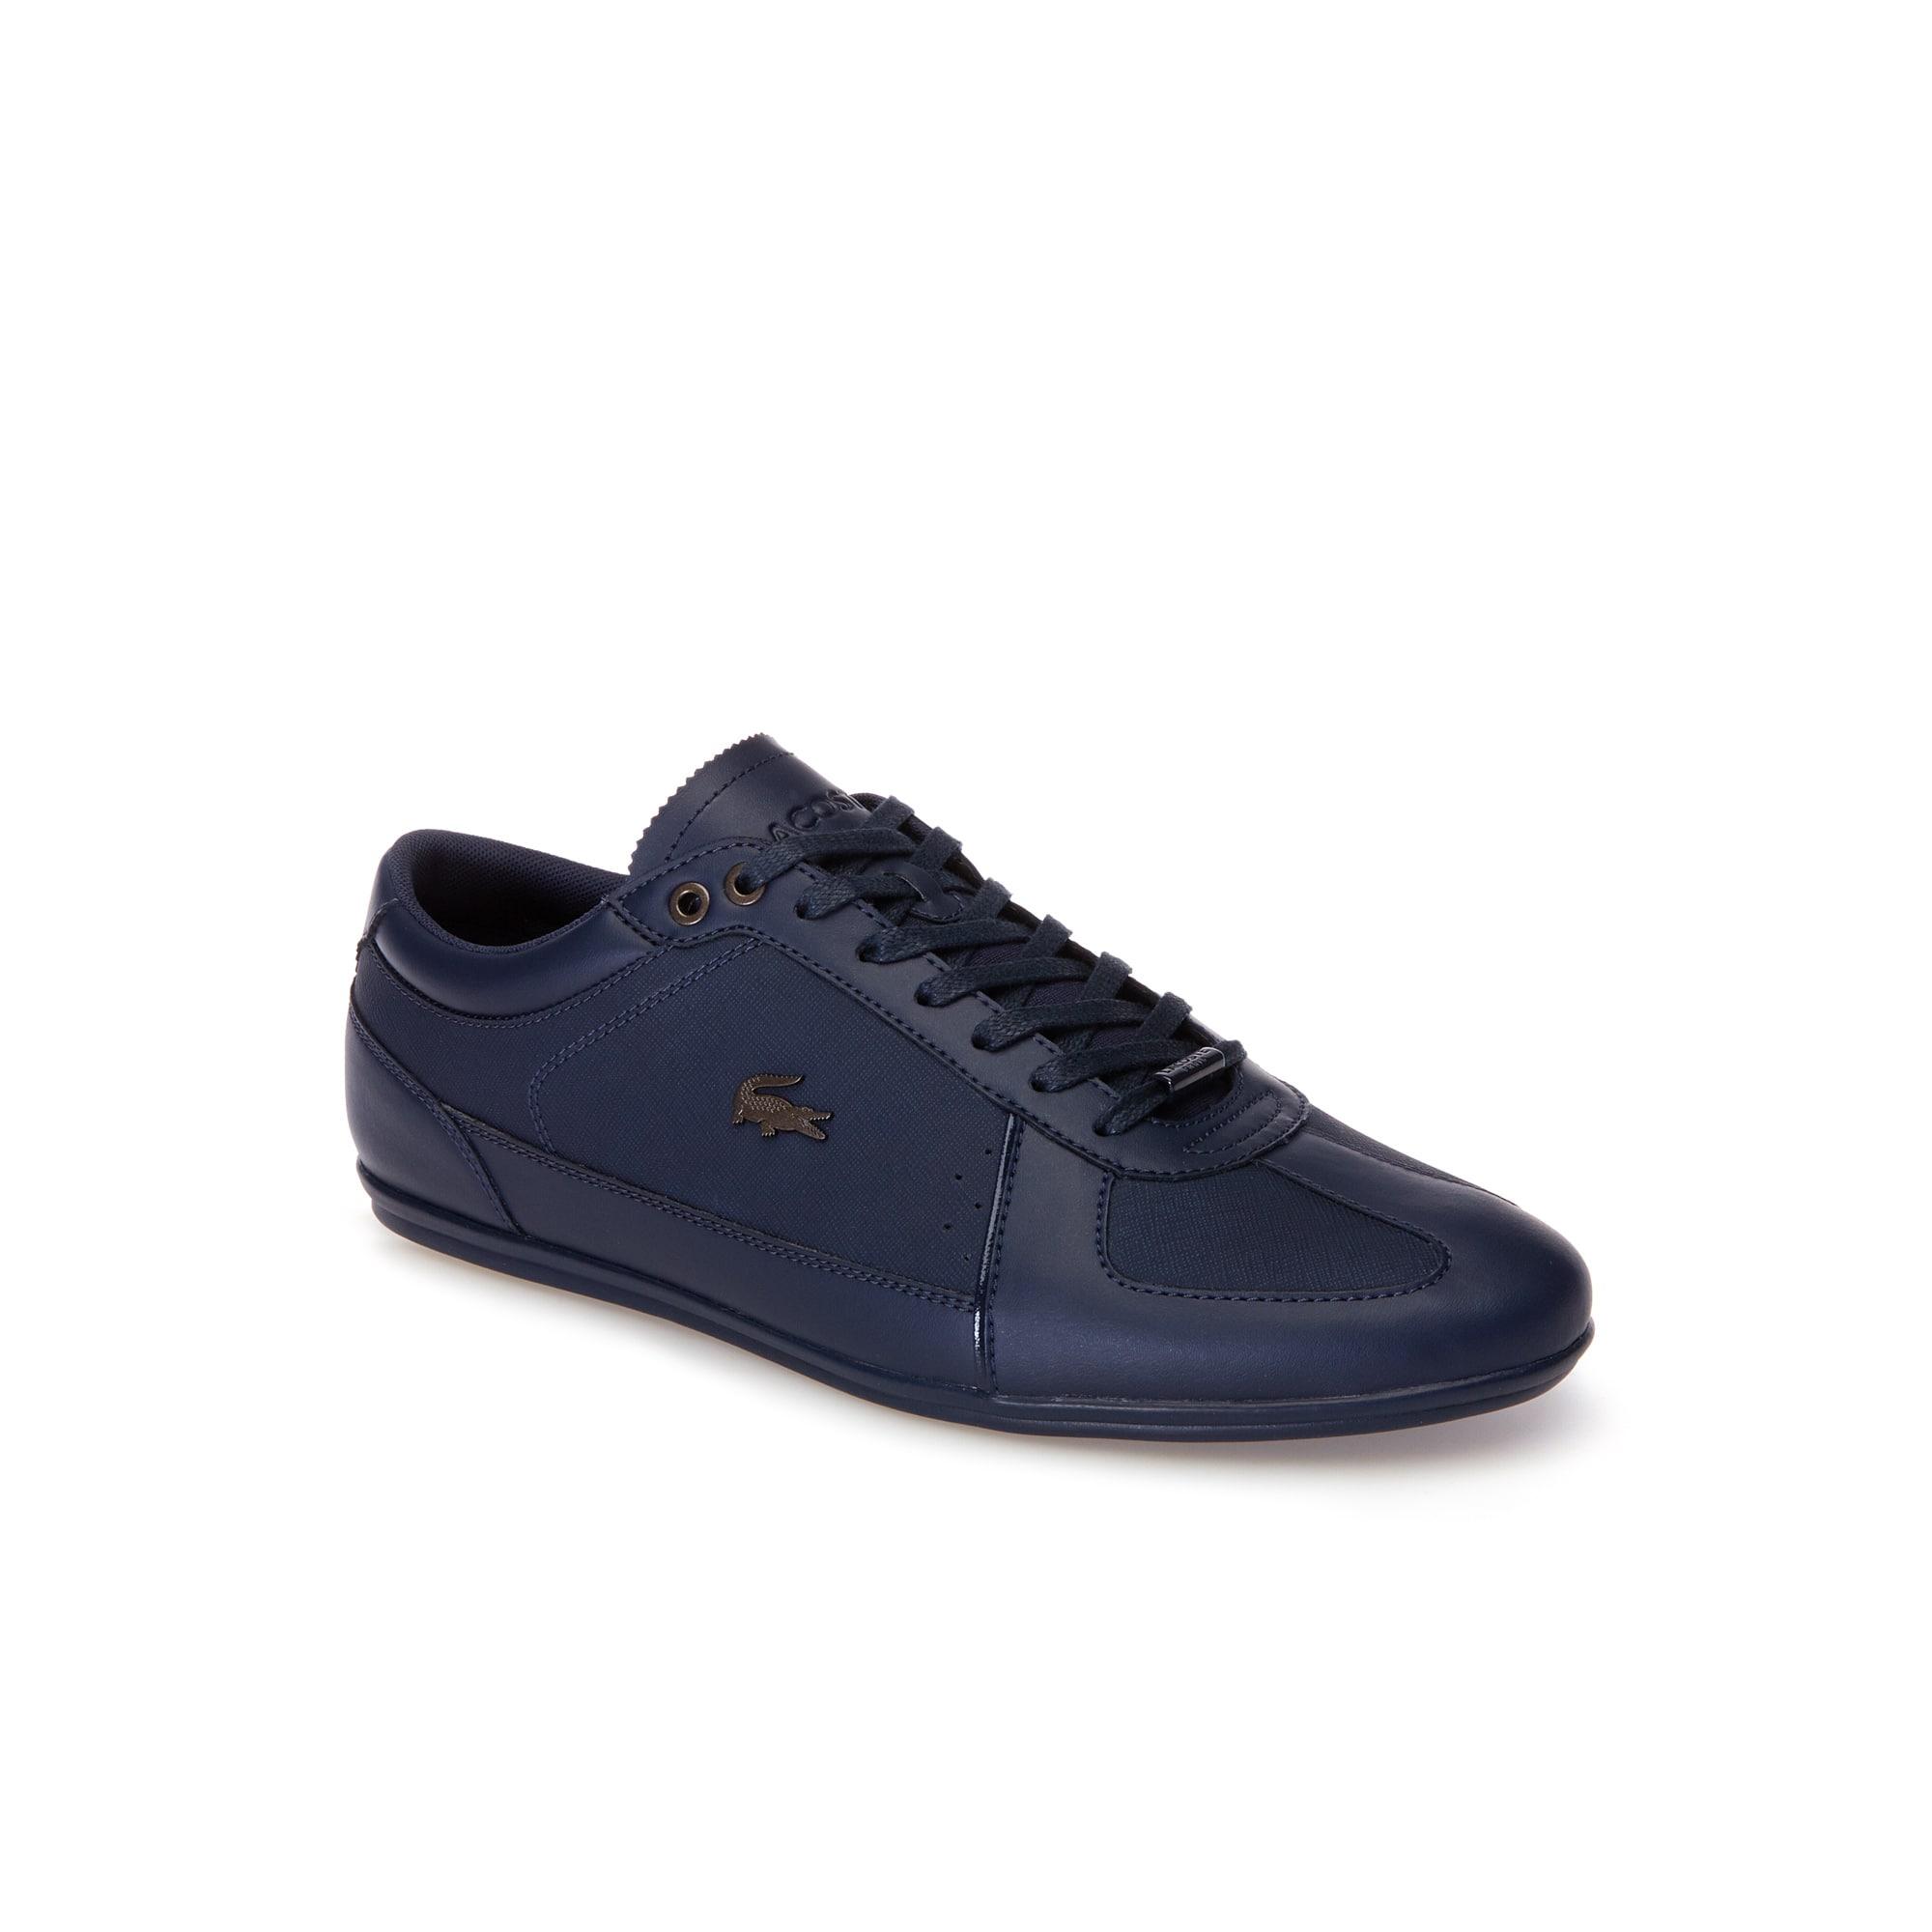 حذاء Evara من الجلد الرياضي للرجال